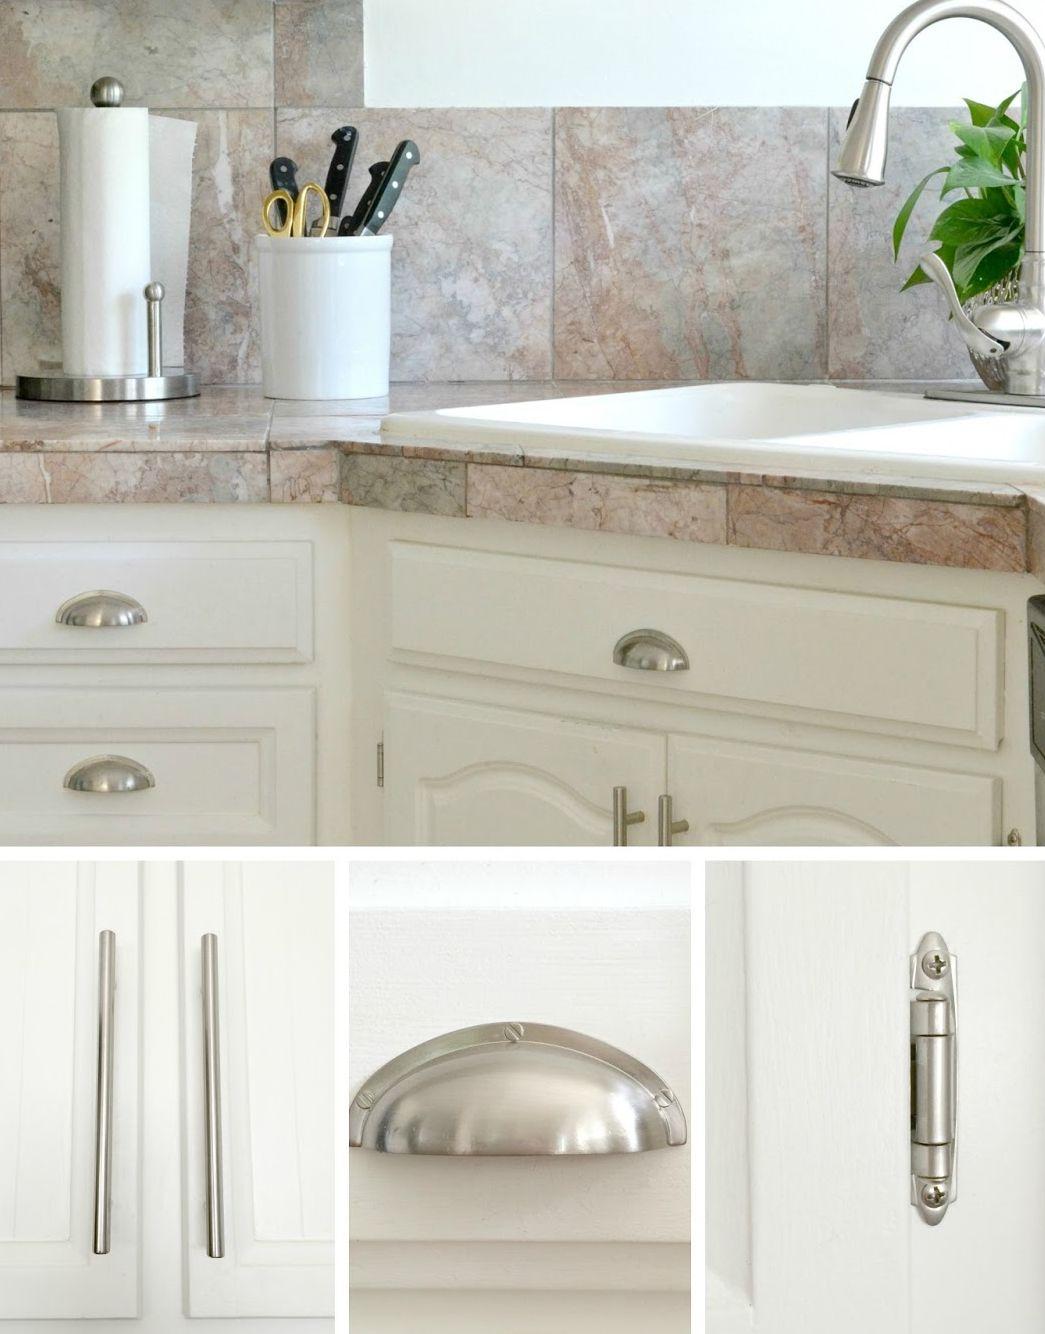 vòi nước và các phụ kiện tủ bếp màu bạc